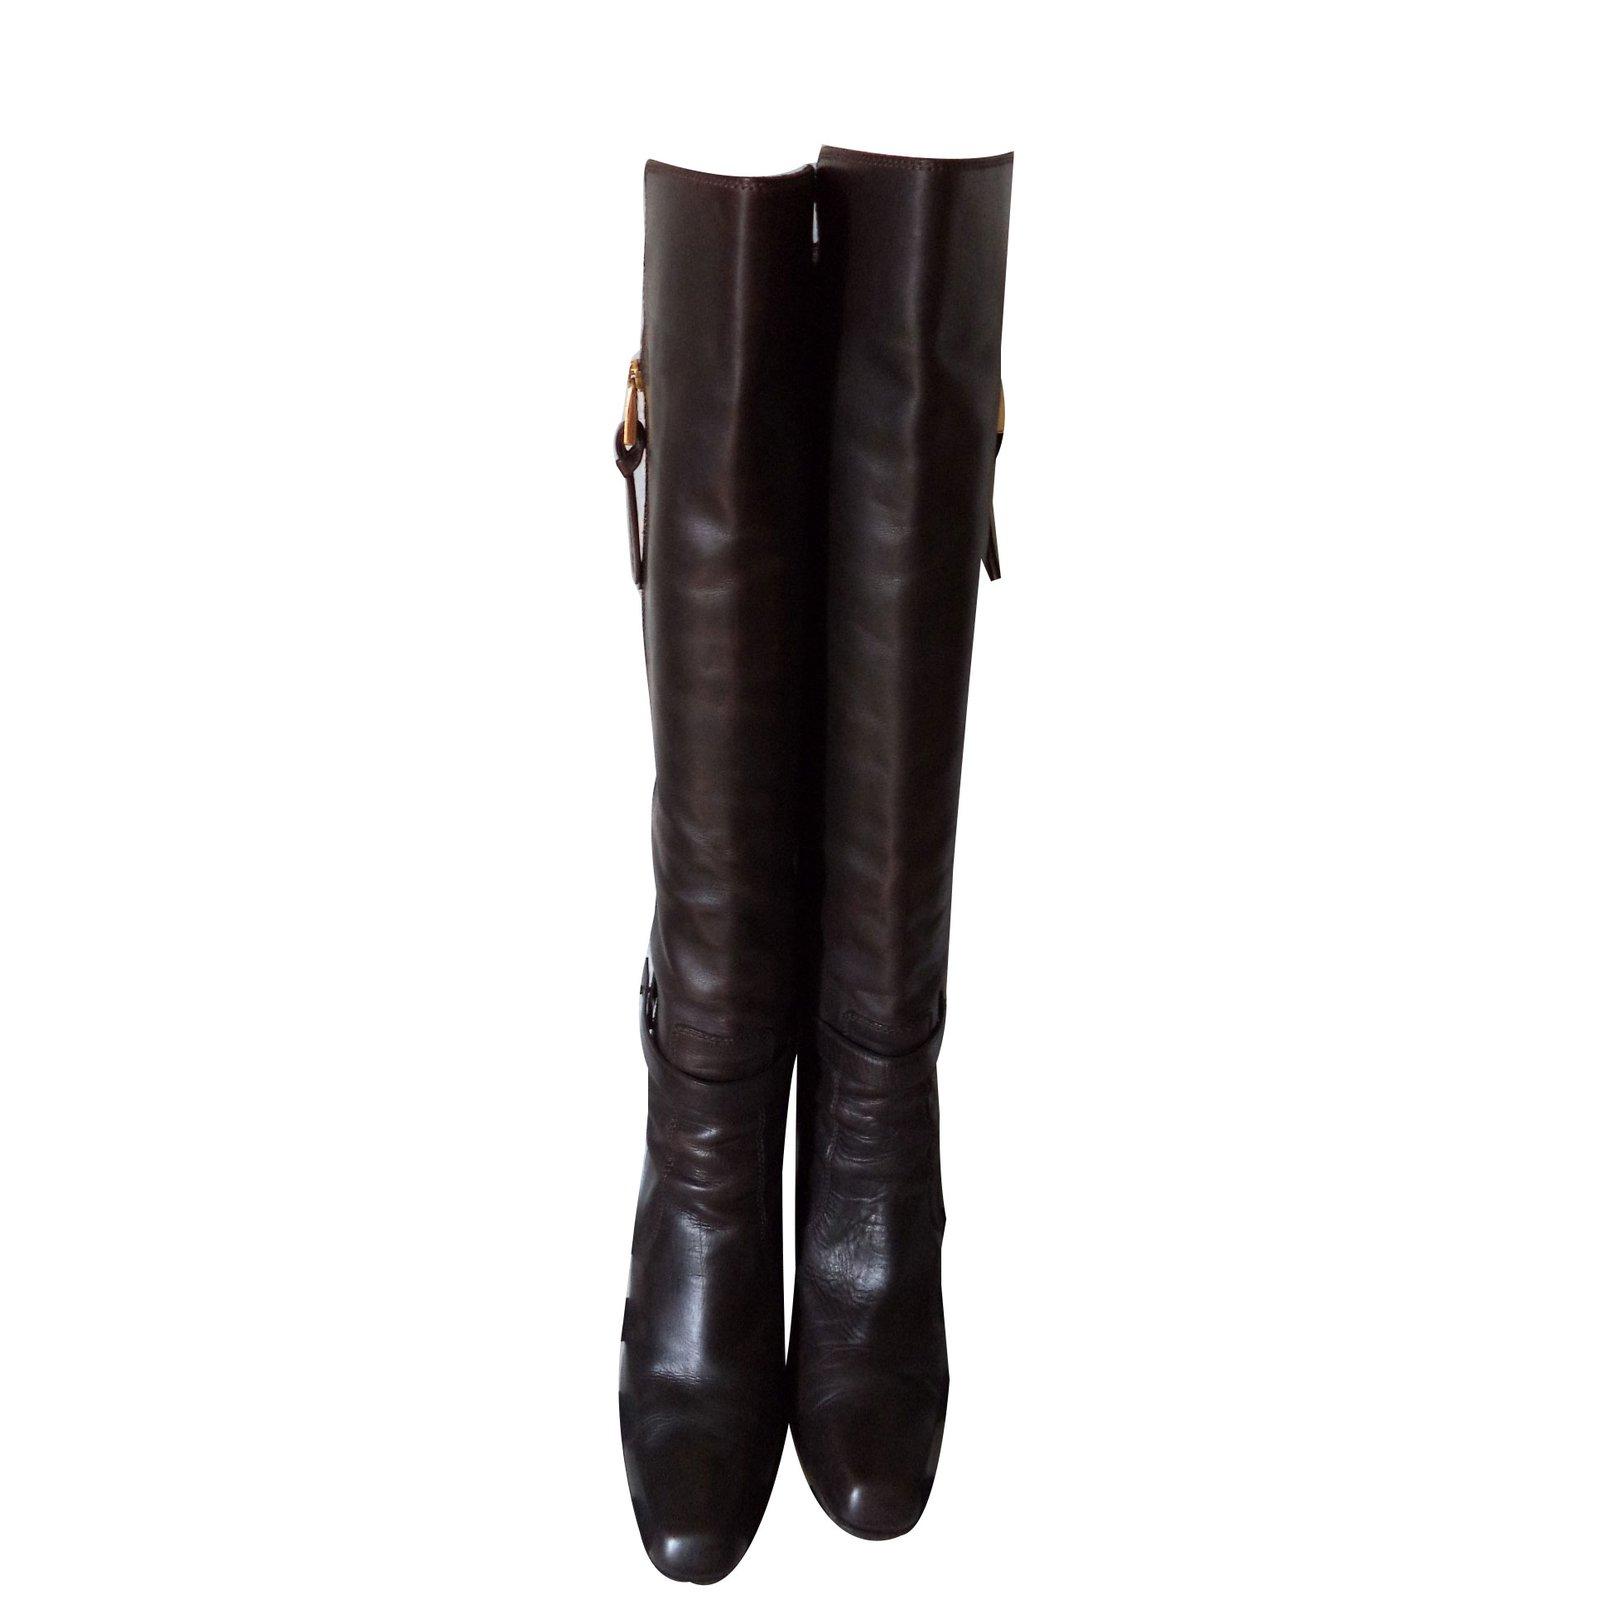 bottes barbara bui bottes cavali res talons hauts cuir marron joli closet. Black Bedroom Furniture Sets. Home Design Ideas